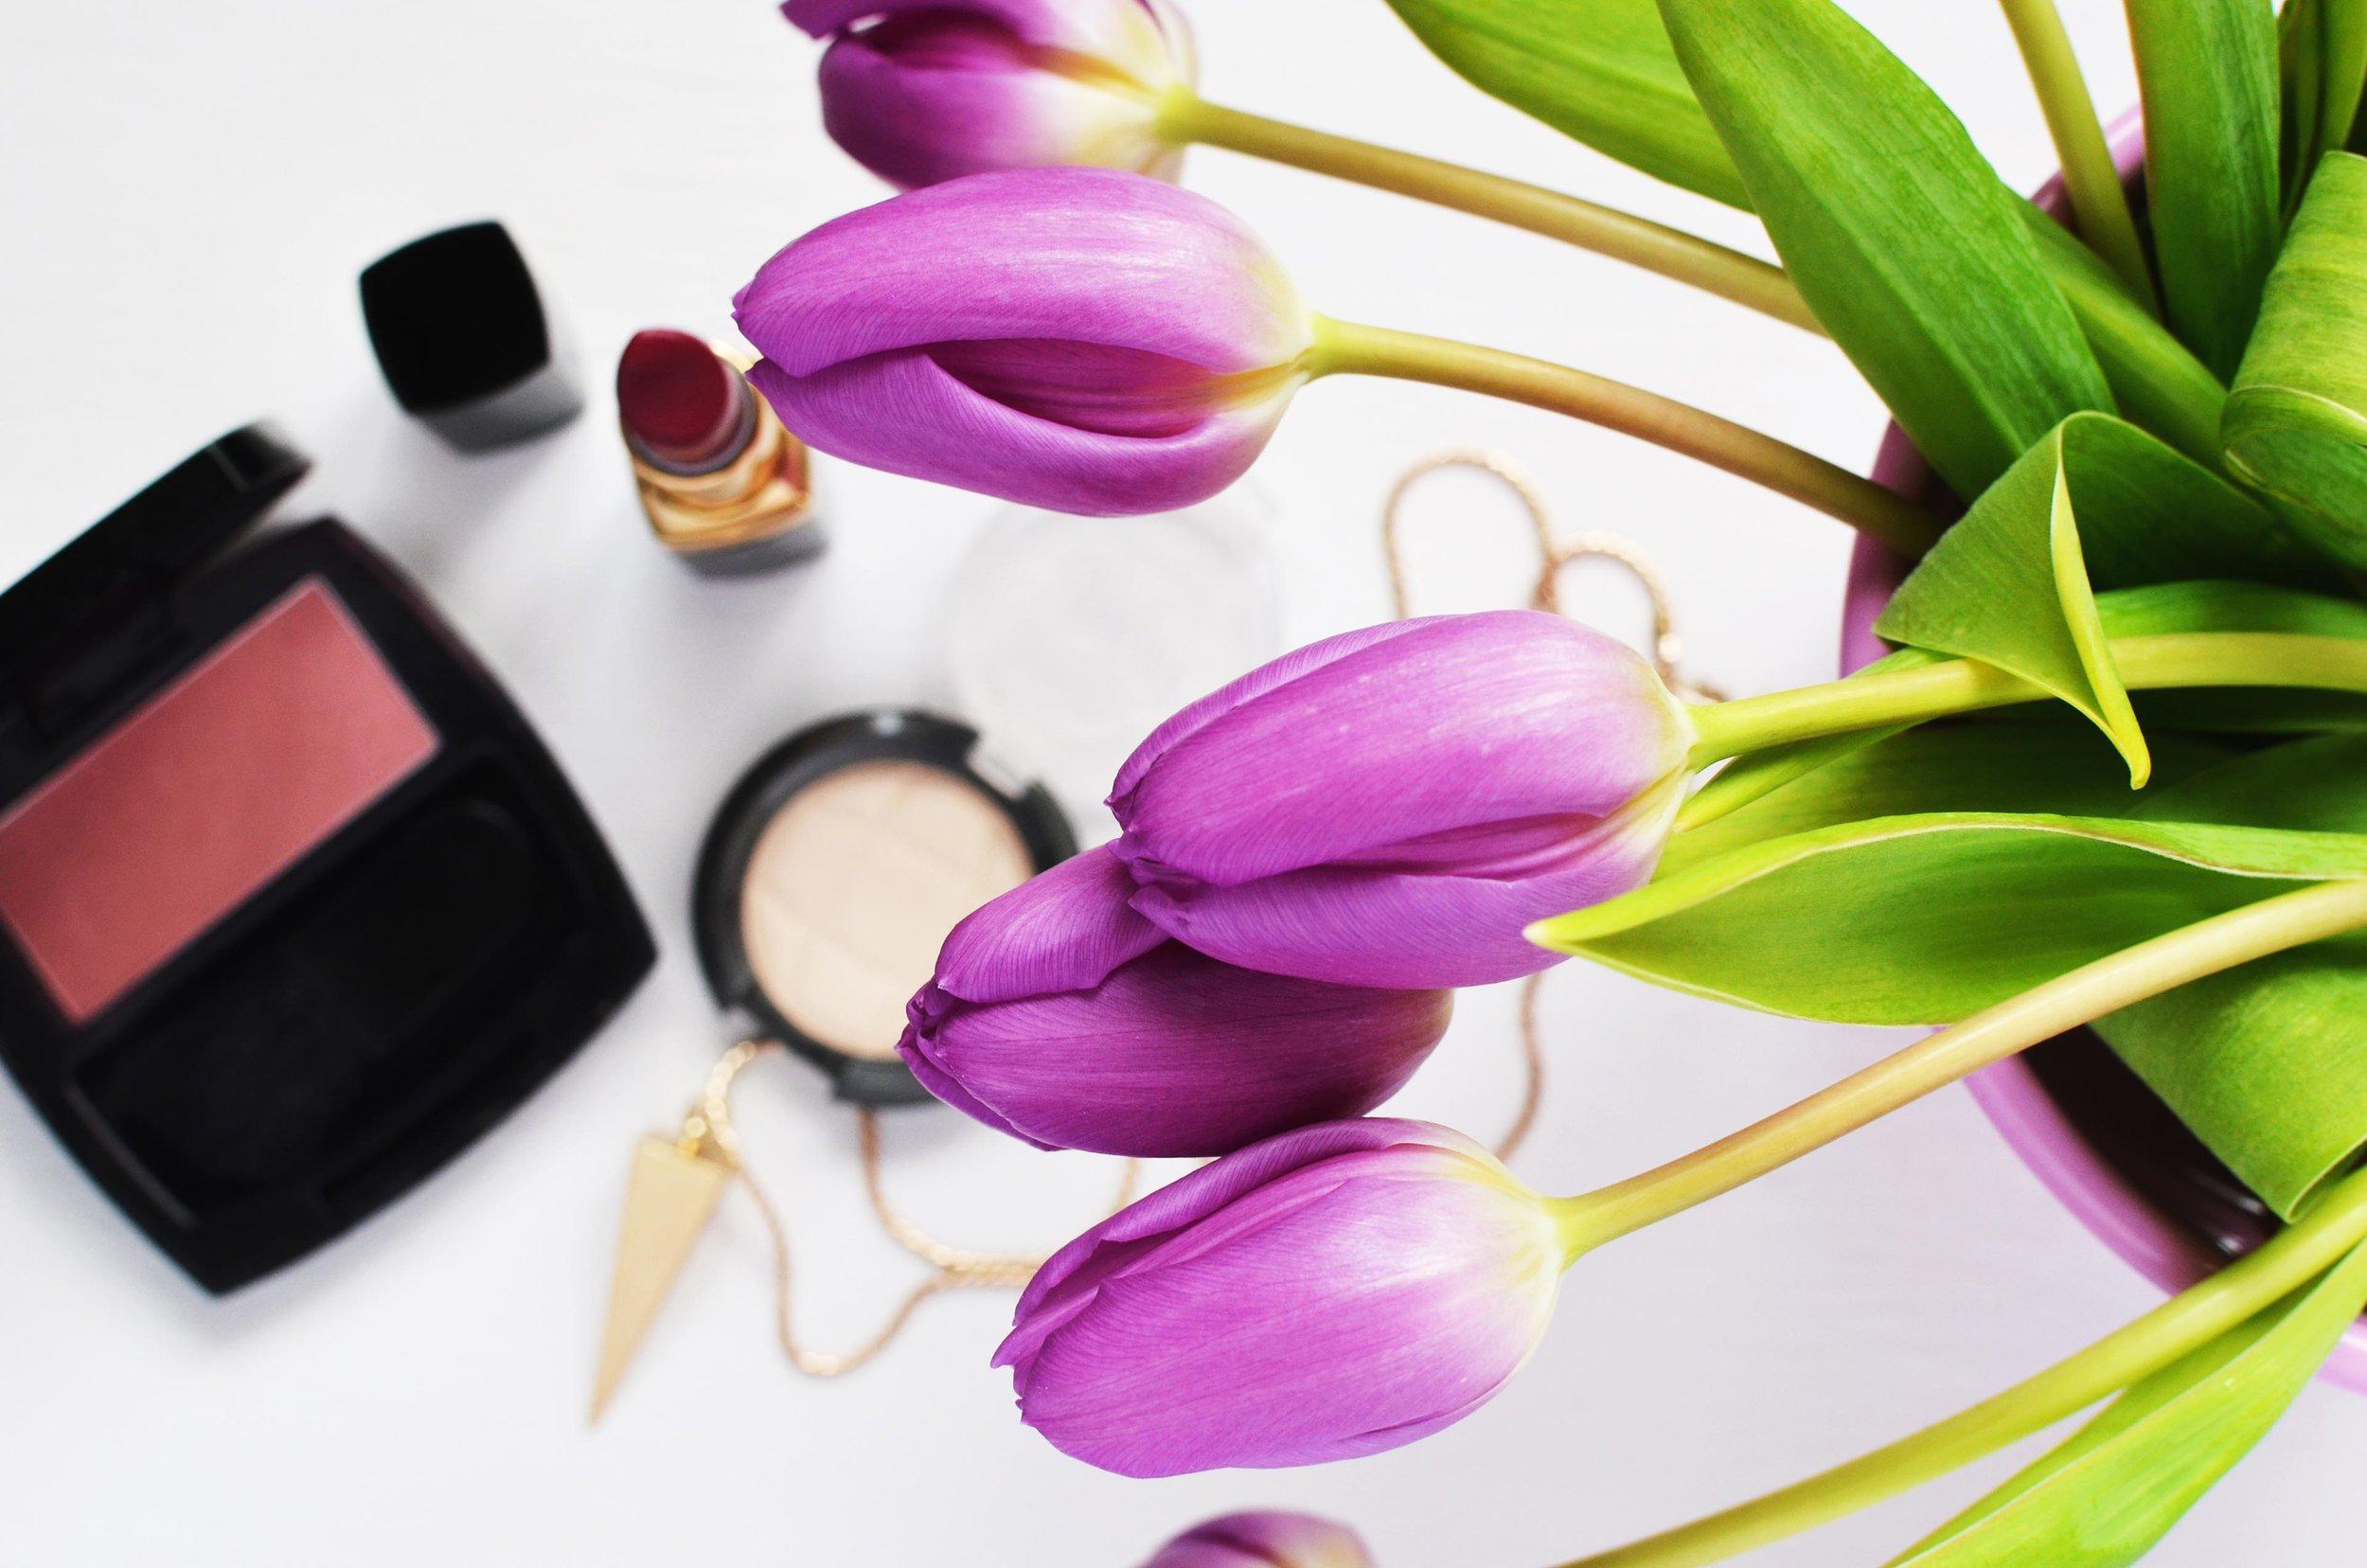 makeupflowersresized.jpg